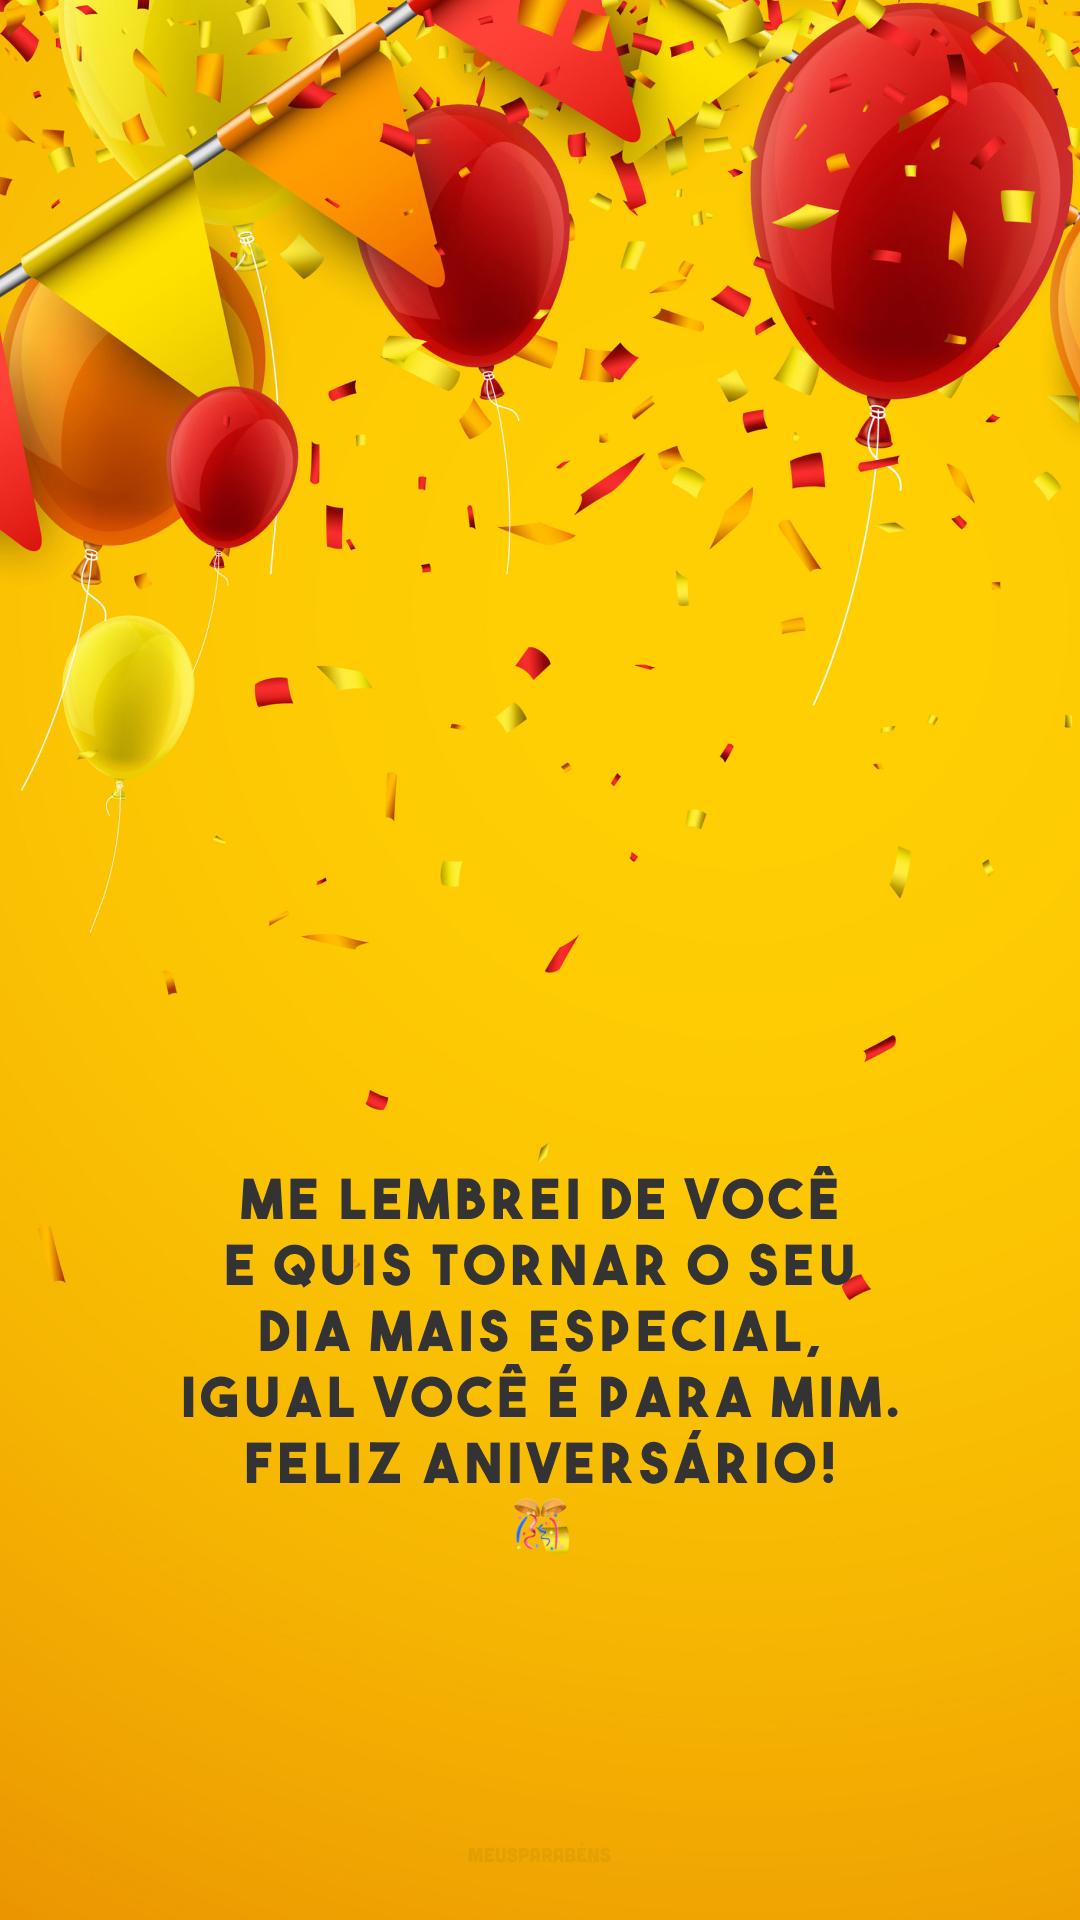 Me lembrei de você e quis tornar o seu dia mais especial, igual você é para mim. Feliz aniversário! 🎊